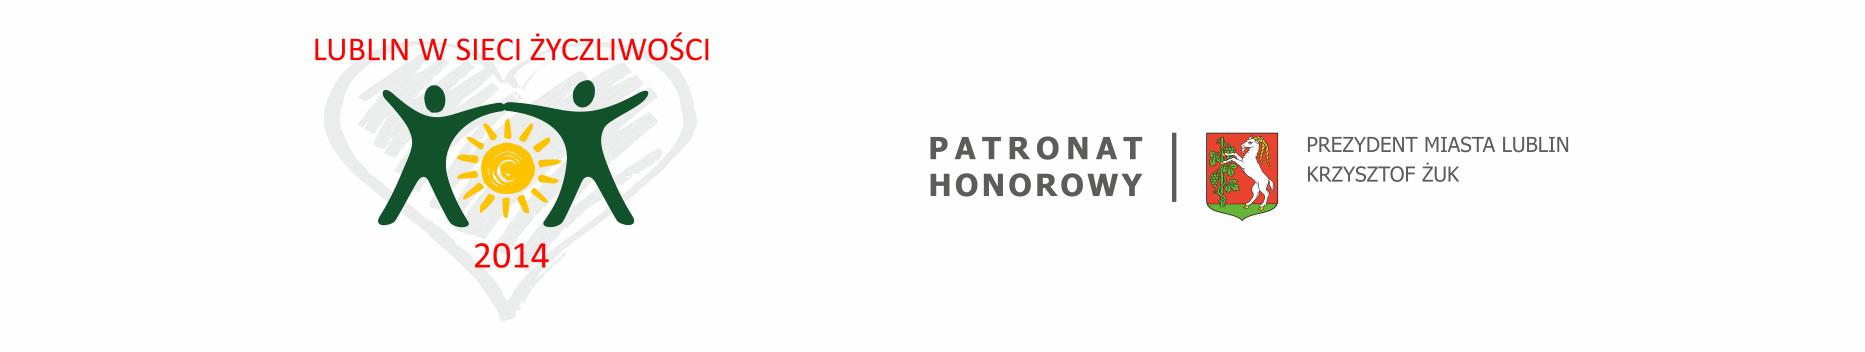 Patronat Honorowy 2014 | Lublin w sieci życzliwości 2014